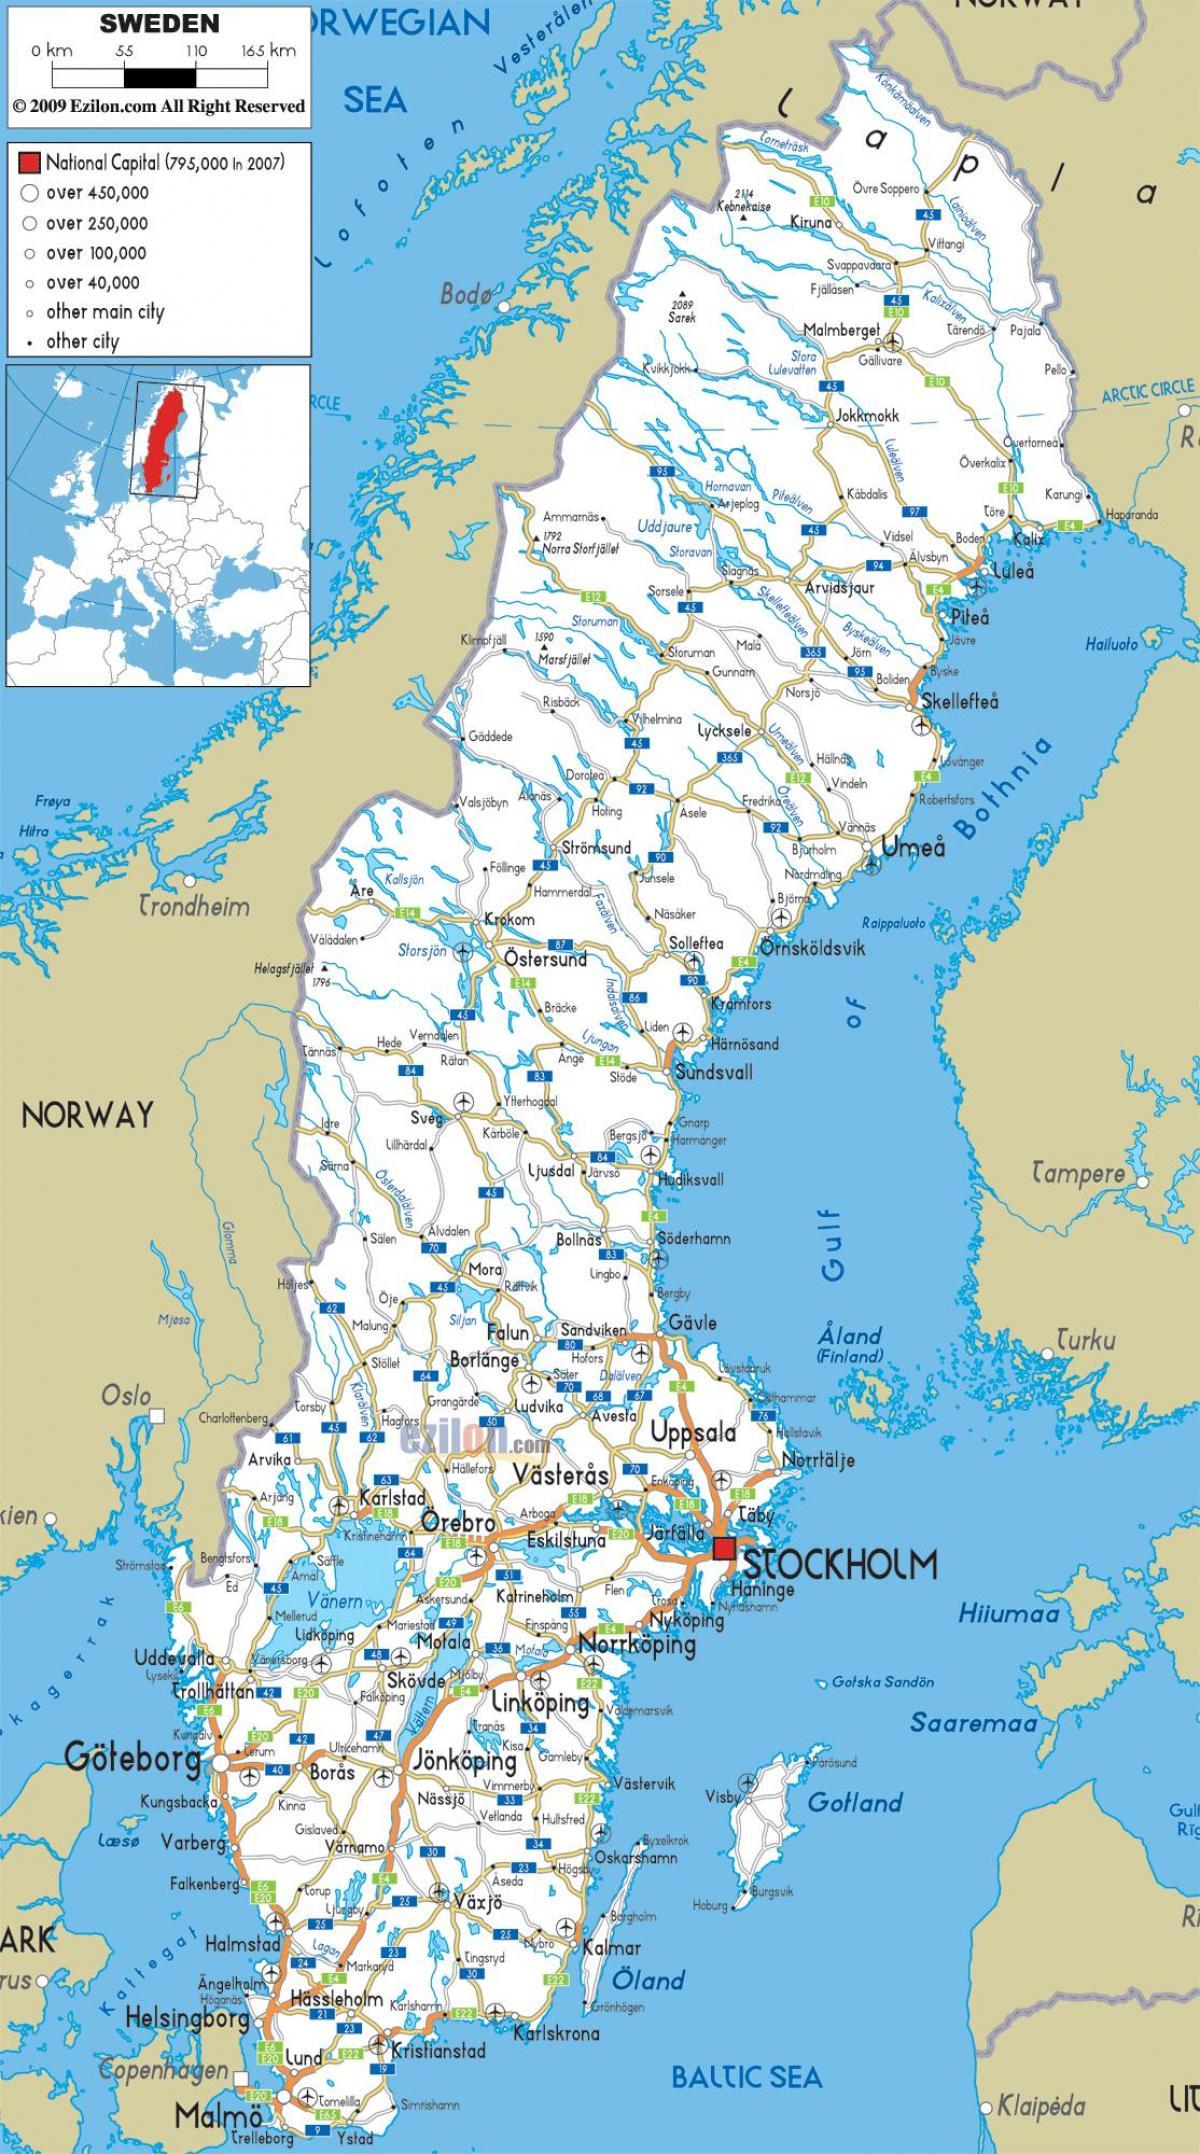 Karte Von Europa Mit Städten.Schweden Städte Karte Schweden Landkarte Mit Städten Europa Nord